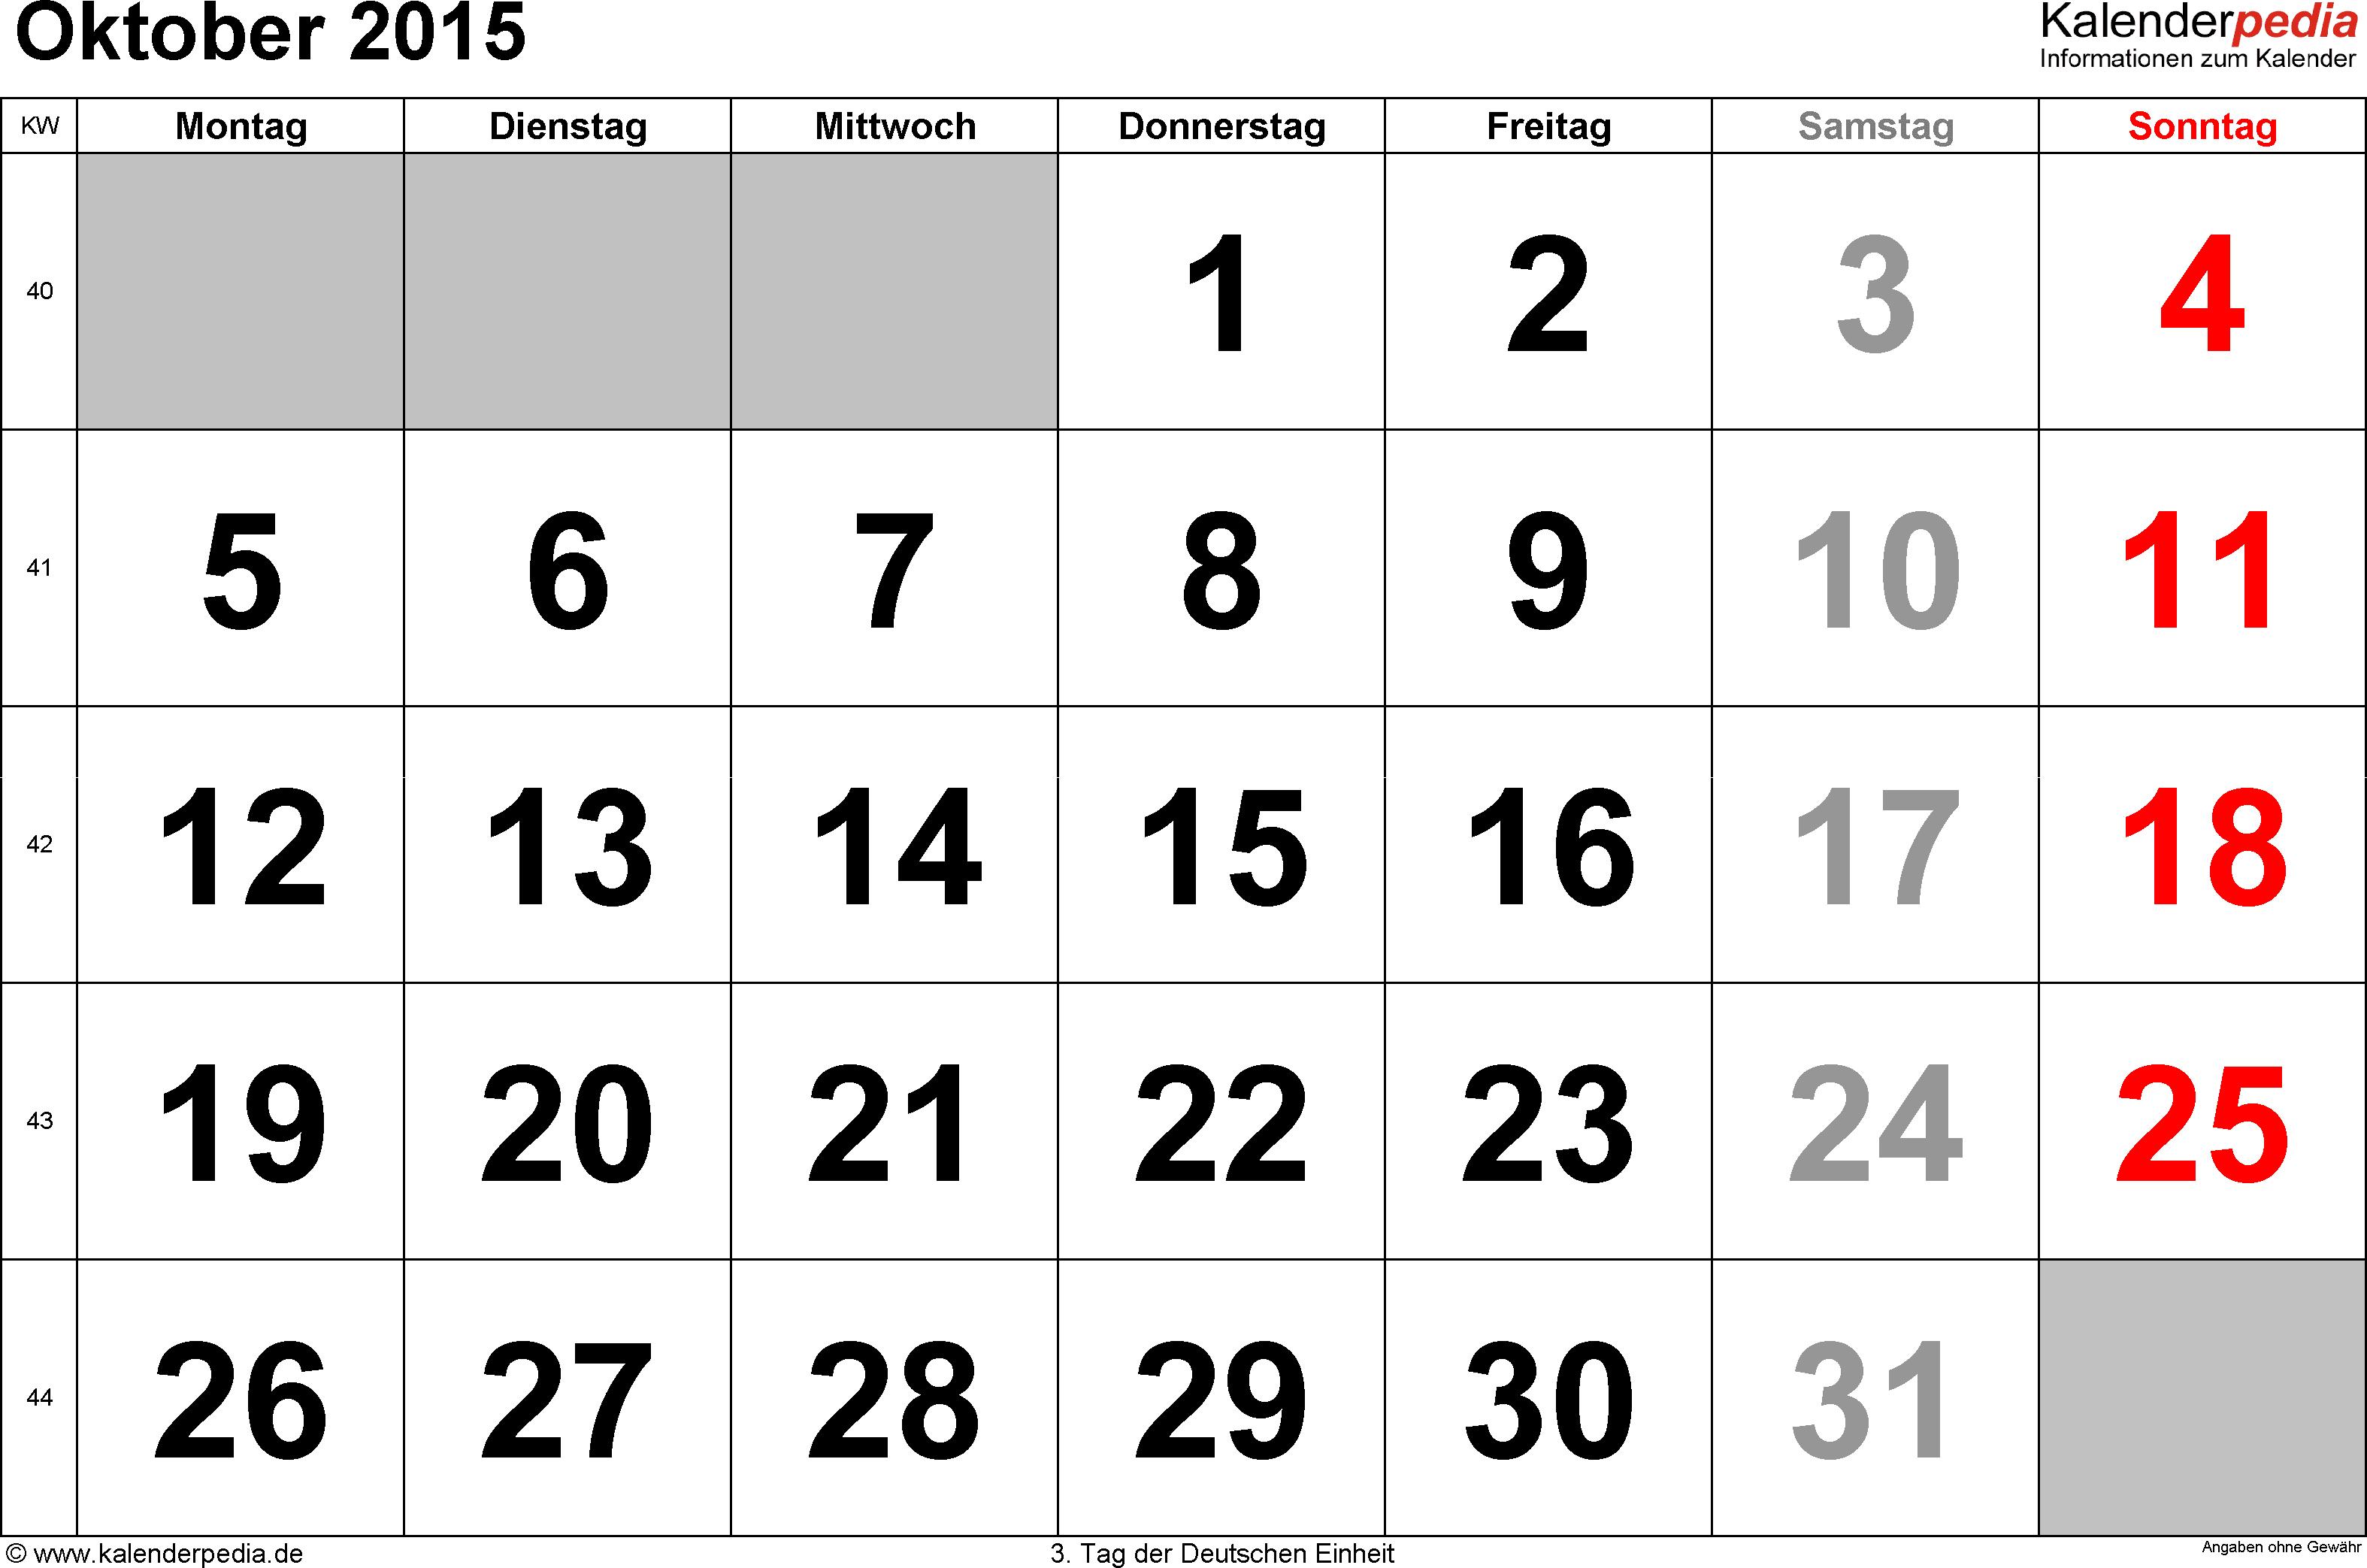 Kalender Oktober 2015 im Querformat, grosse Ziffern